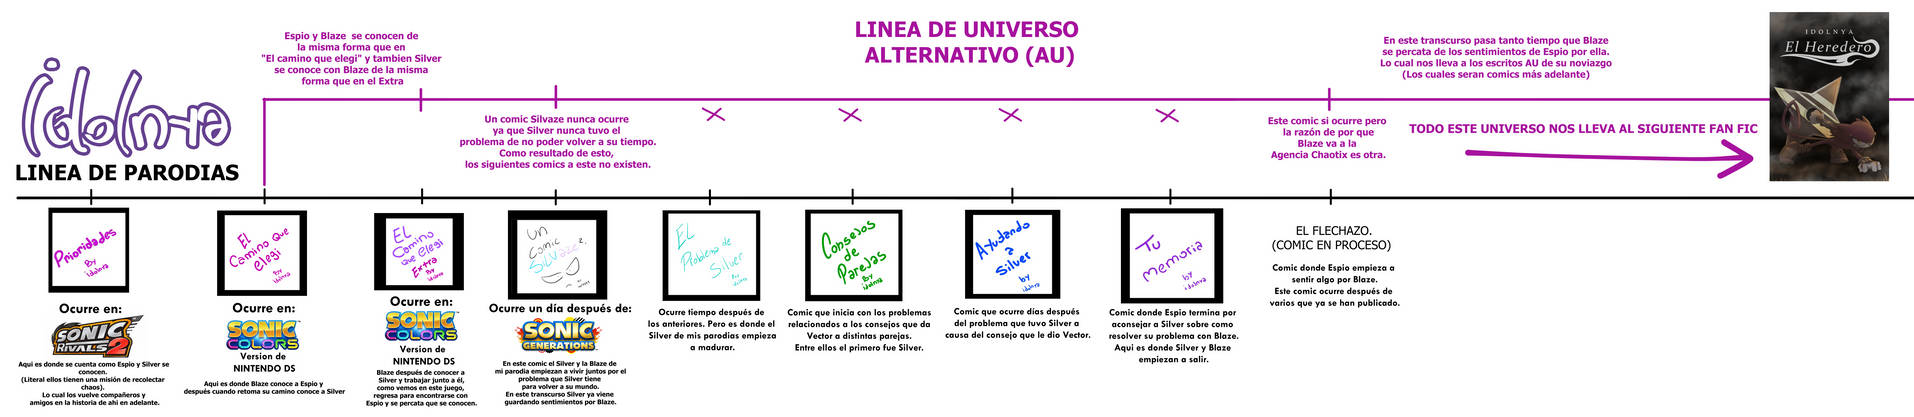 Linea De Tiempo Parodia VS Universo alternativo